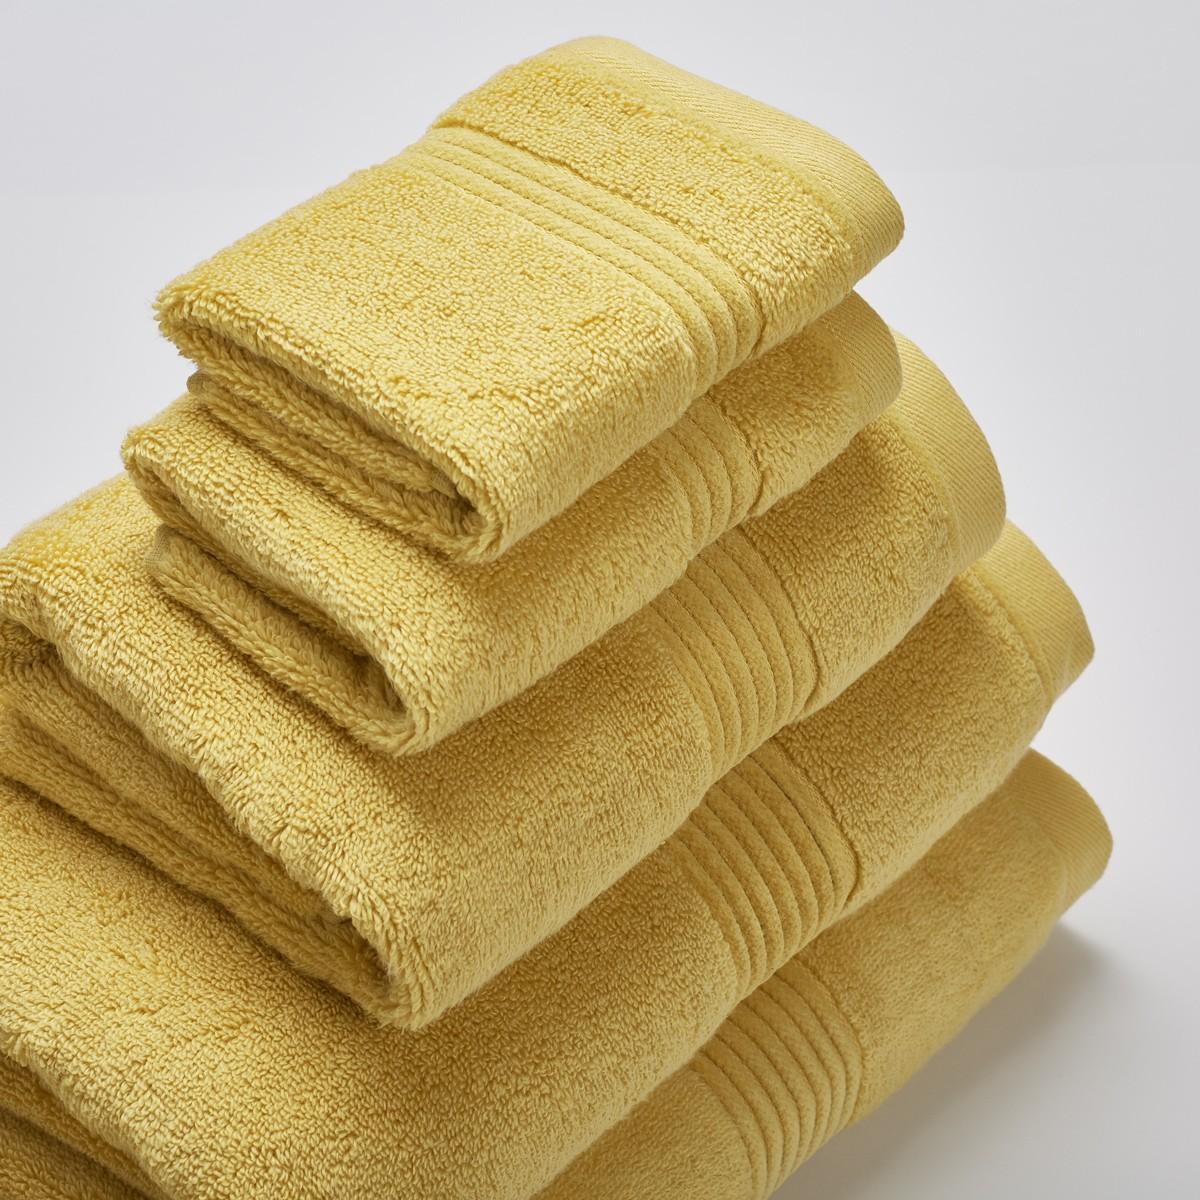 Toalha Amarela So Soft